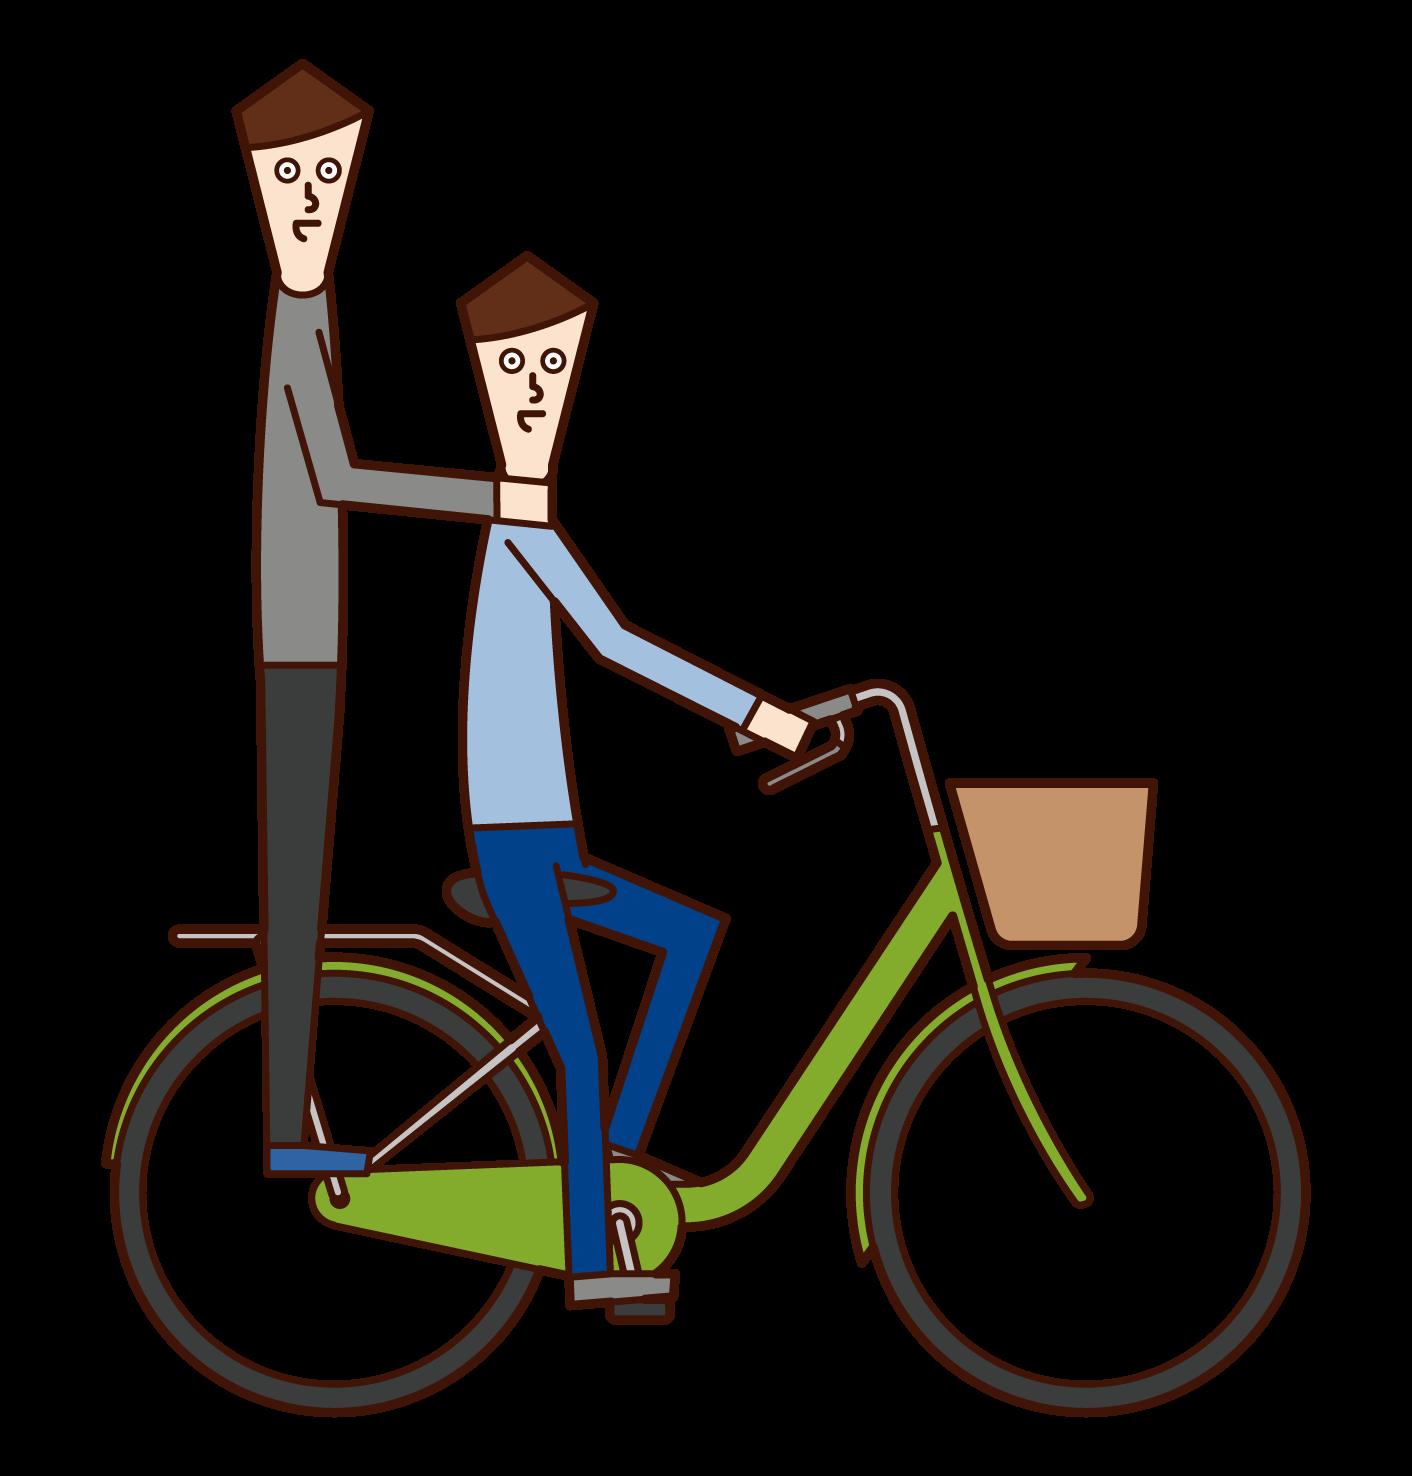 두 사람이 자전거를 타는 사람들의 일러스트